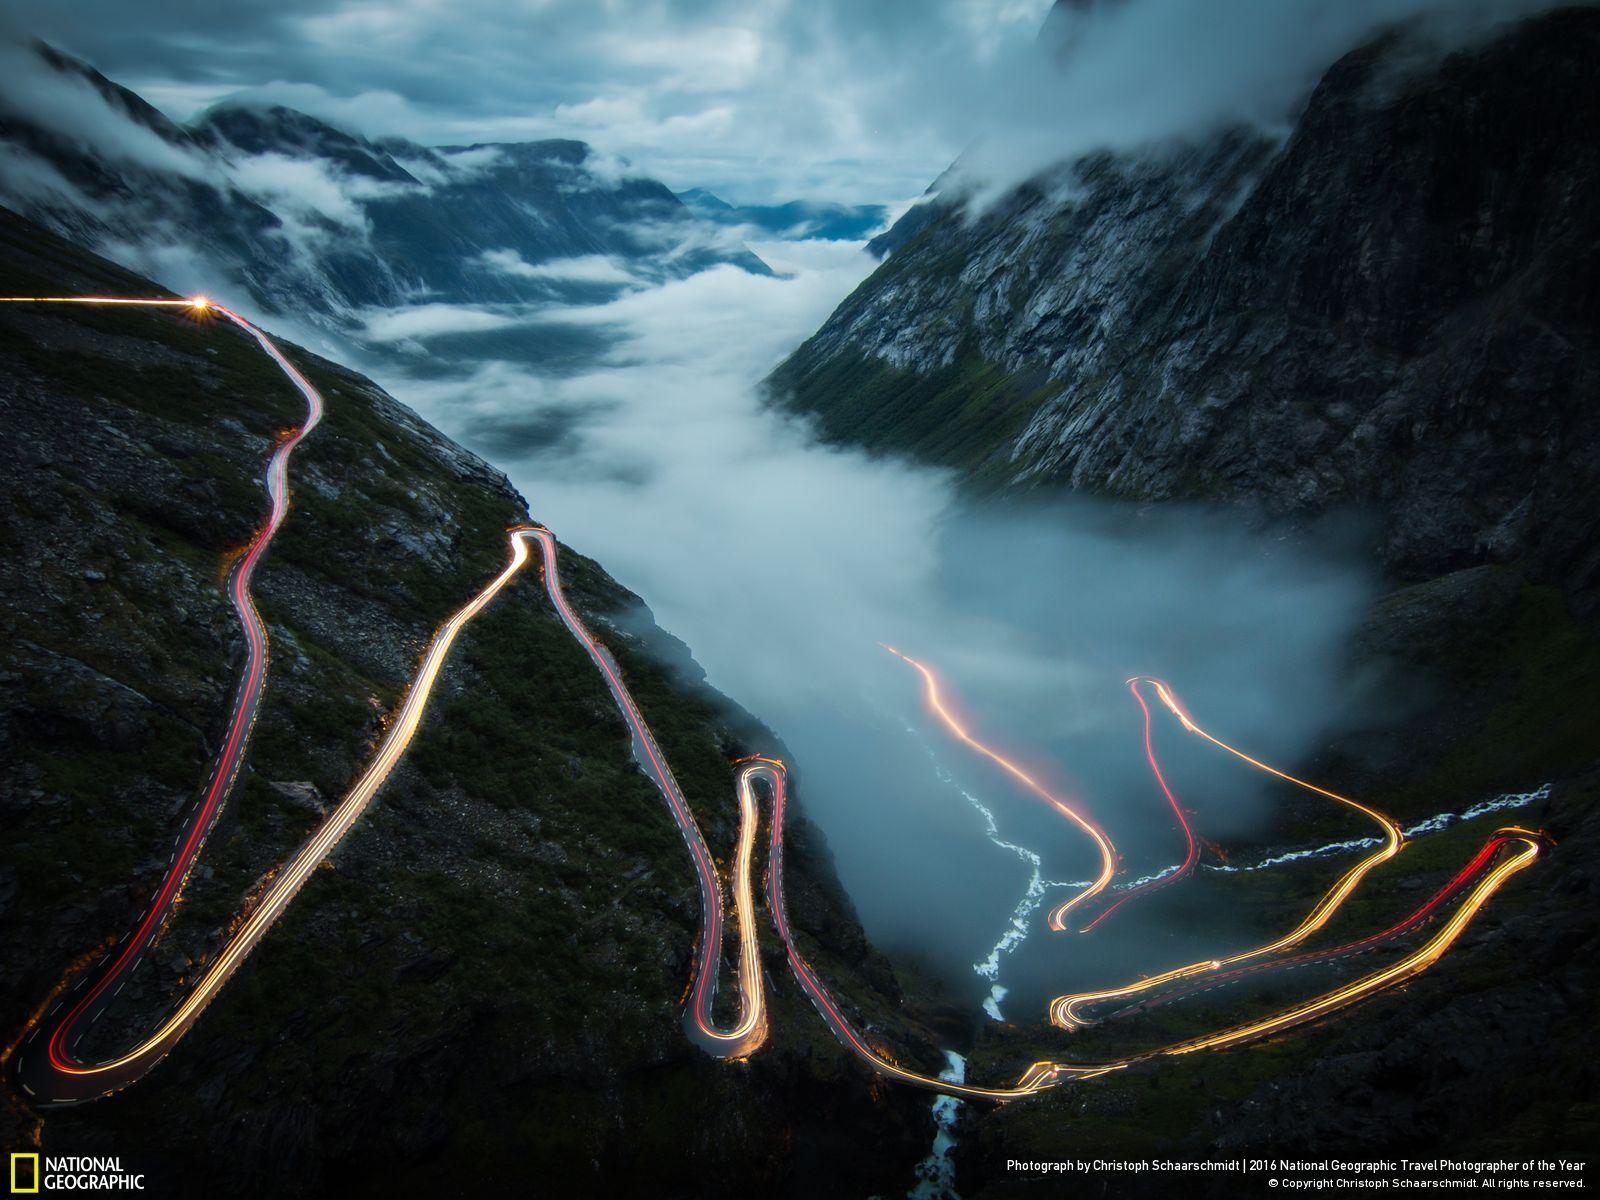 melhores fotos de viagem national geographic_27